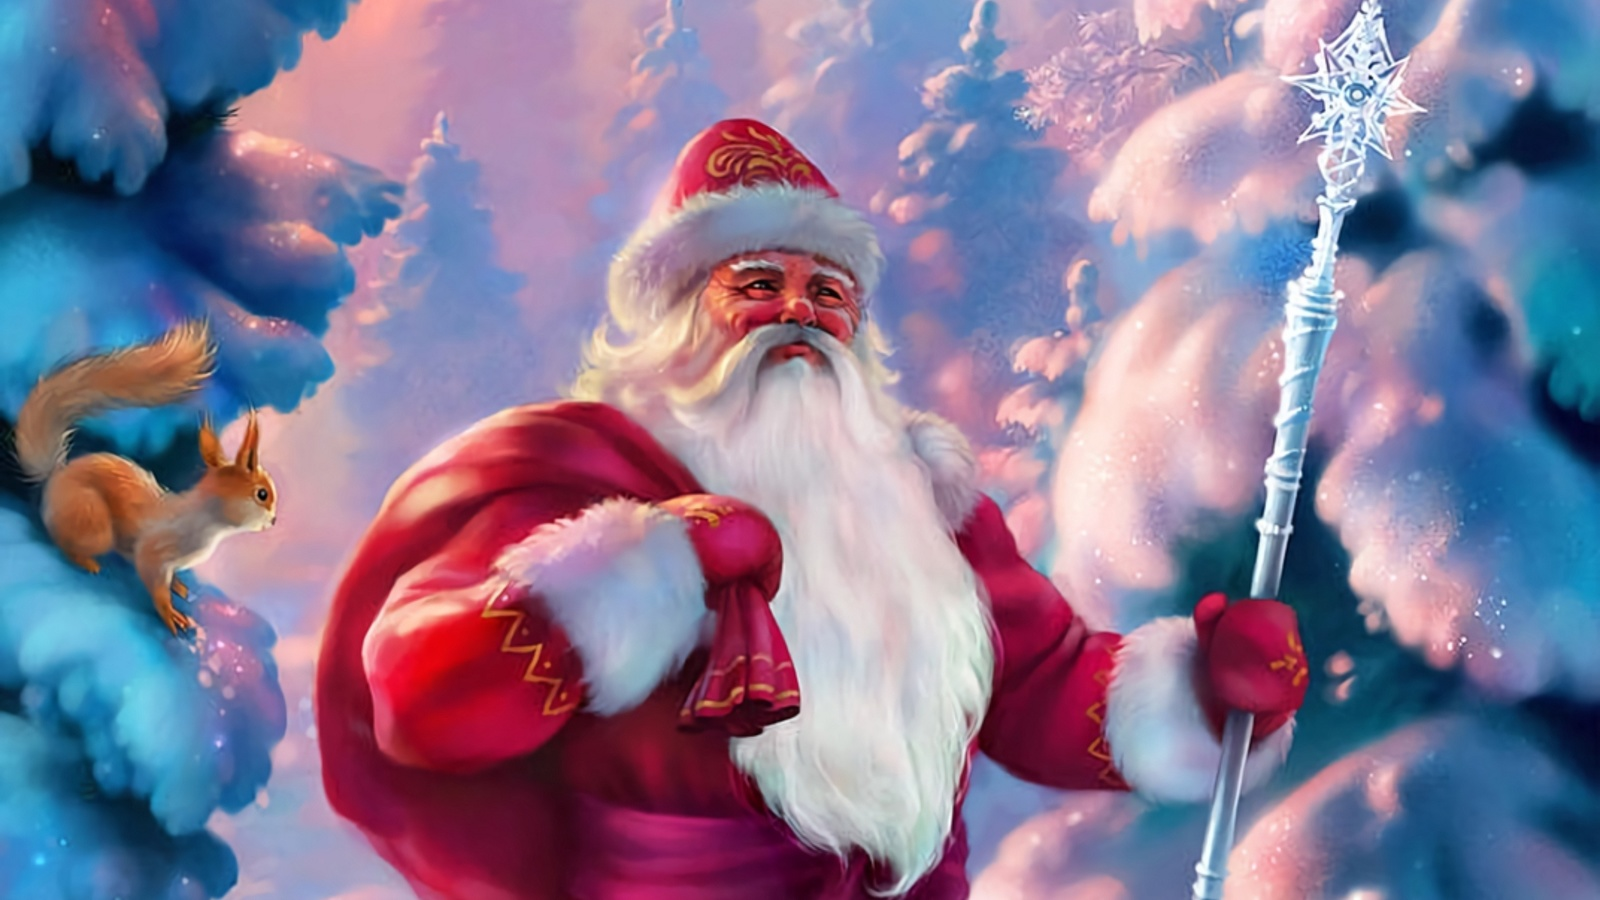 новогодние картинки с русским дедом морозом счастье, красивые анимационные